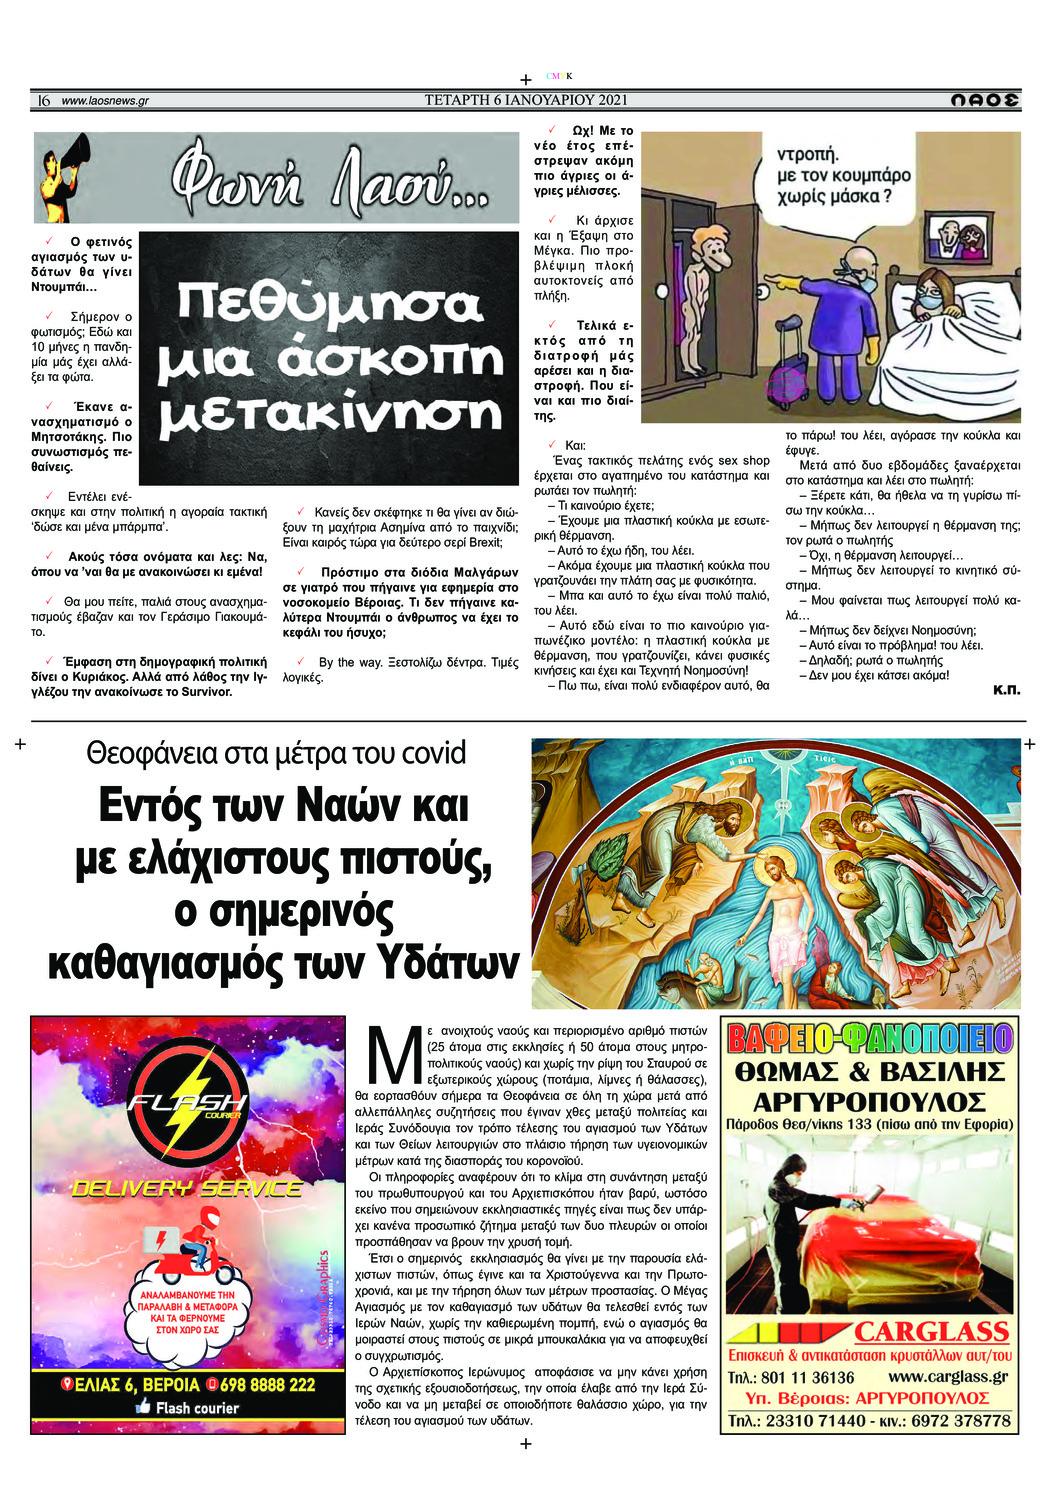 Οπισθόφυλλο εφημερίδας Λαός Βέροιας